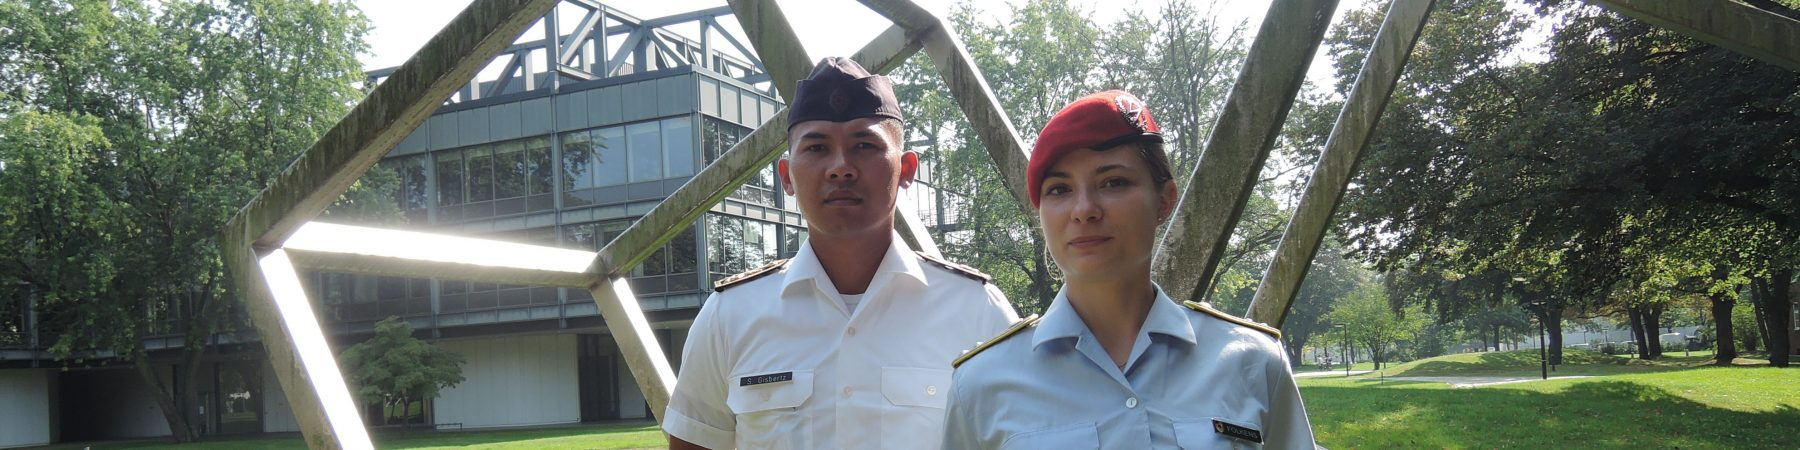 Militärische Gleichstellungsbeauftragte